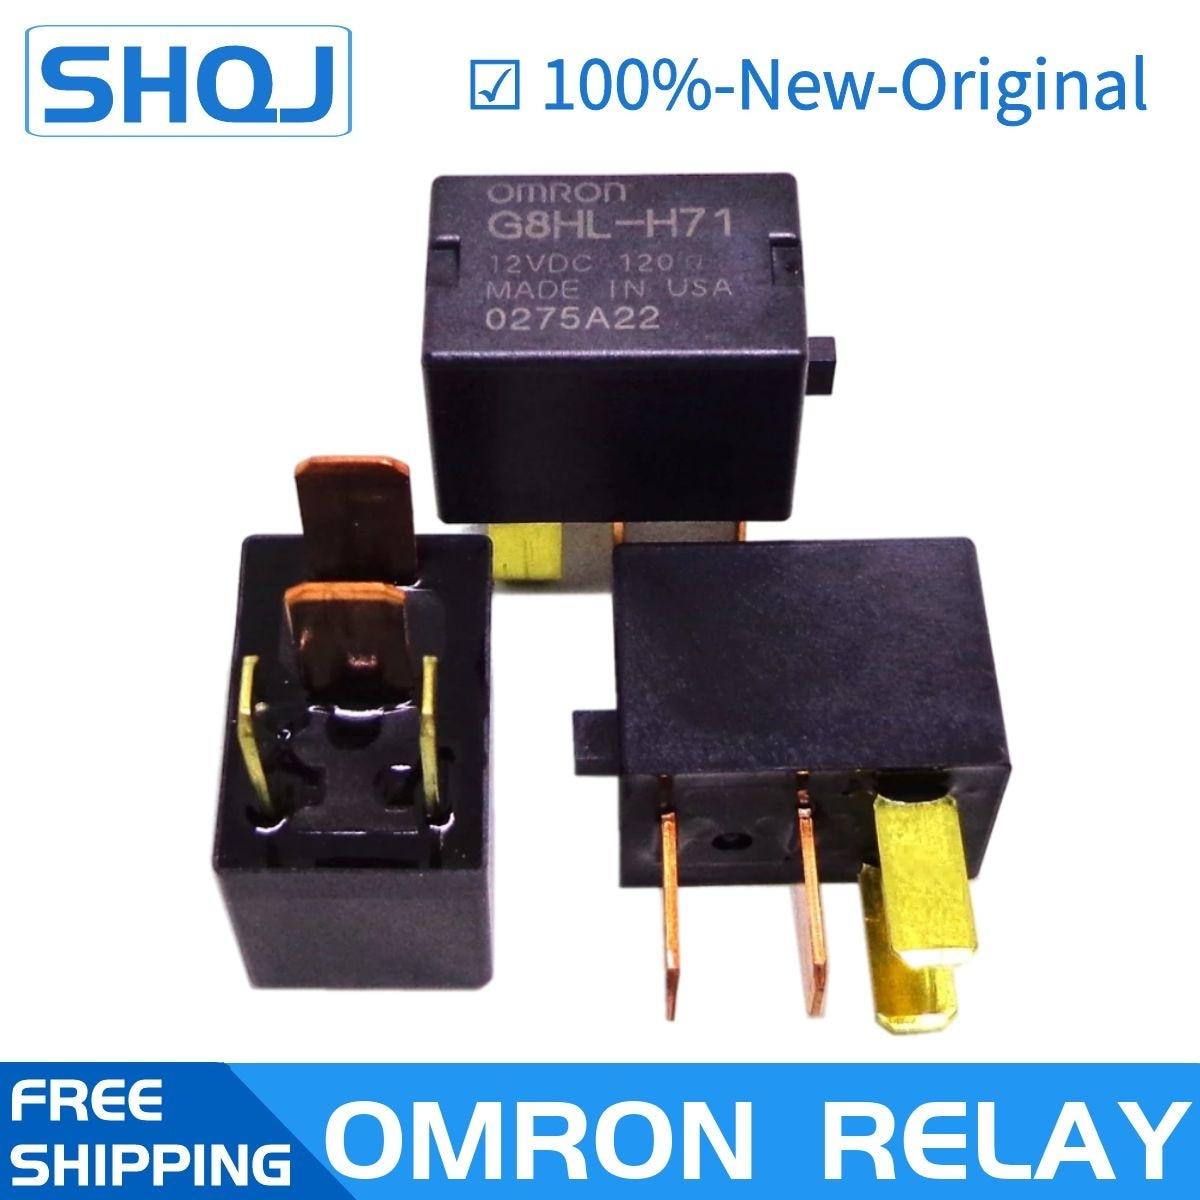 10 قطعة OMRON السيارات التتابع G8HL-H71 12VDC DC12V العلامة التجارية الجديدة والأصلية التتابع